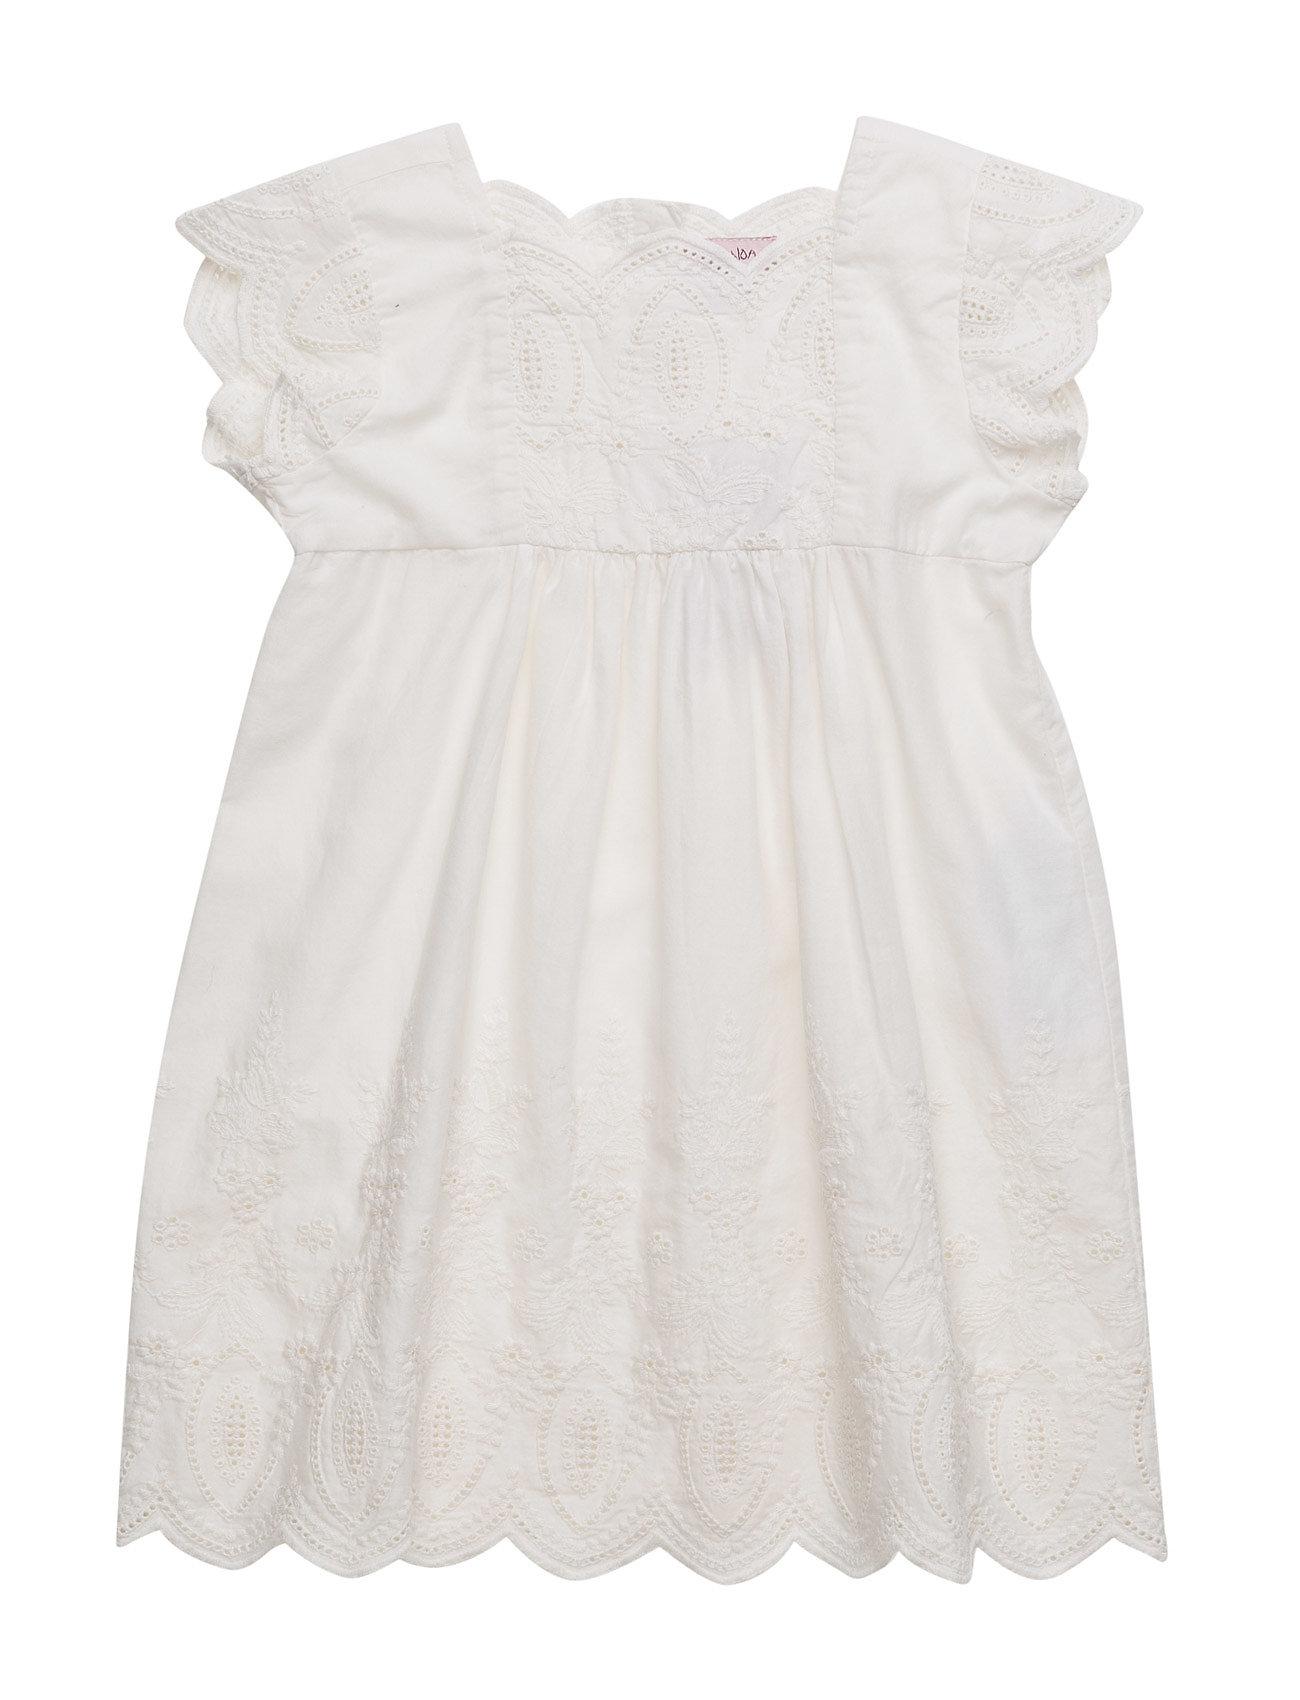 Supercoola Dress Short Sleeve Noa Noa Miniature Klänningar till Barn ... 02a71778933a8